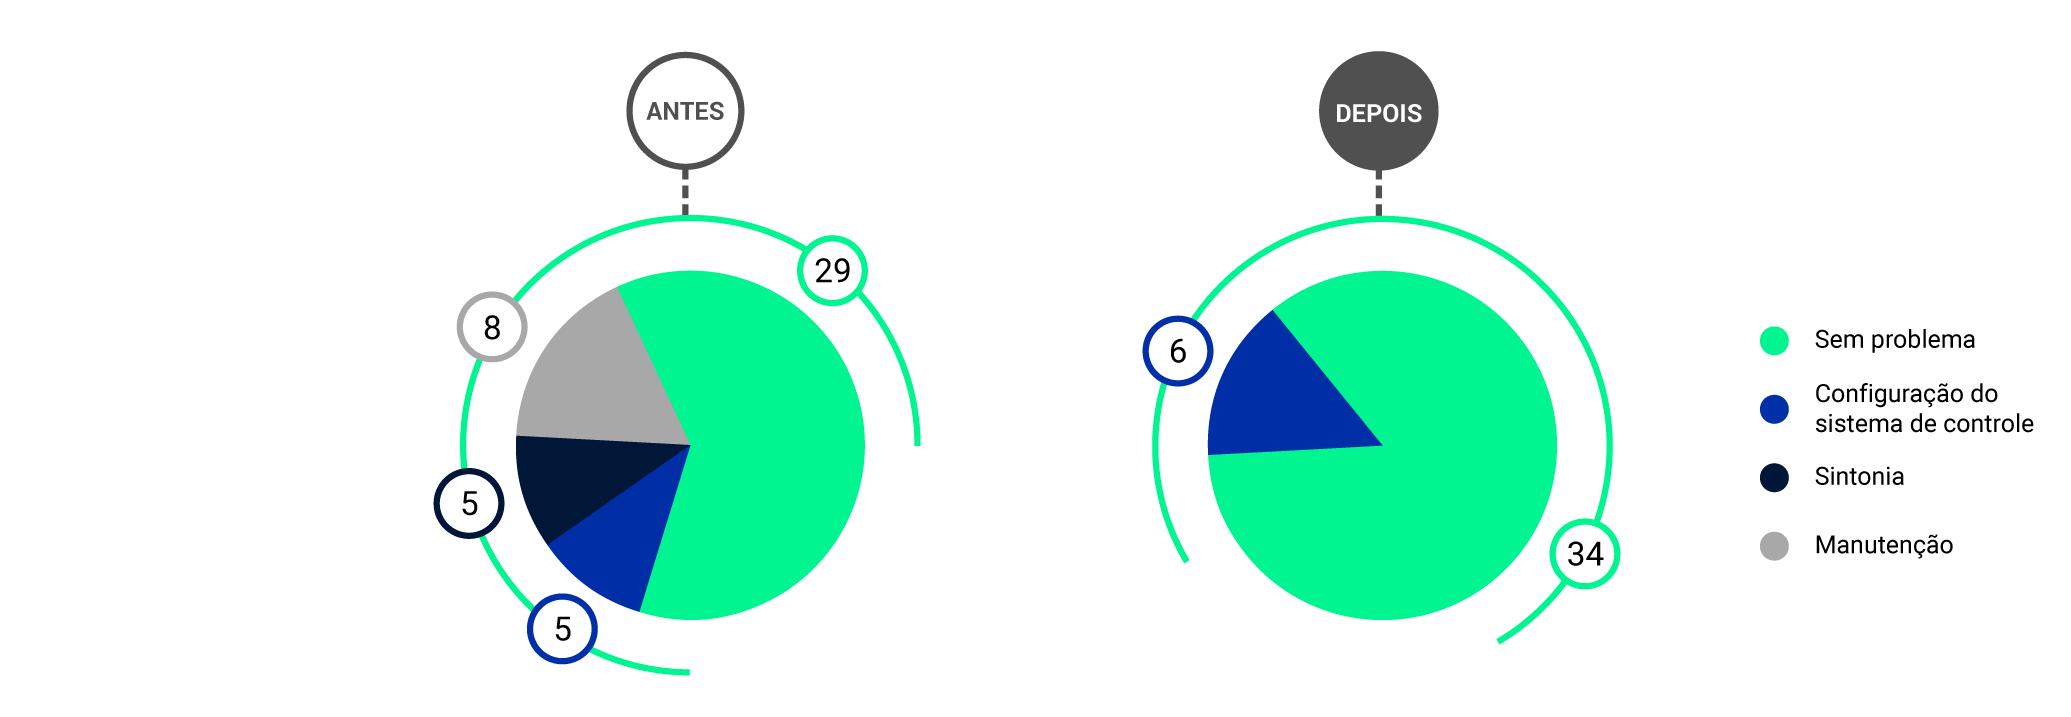 Gestão de Malhas de Controle ArcelorMittal Antes e Depois